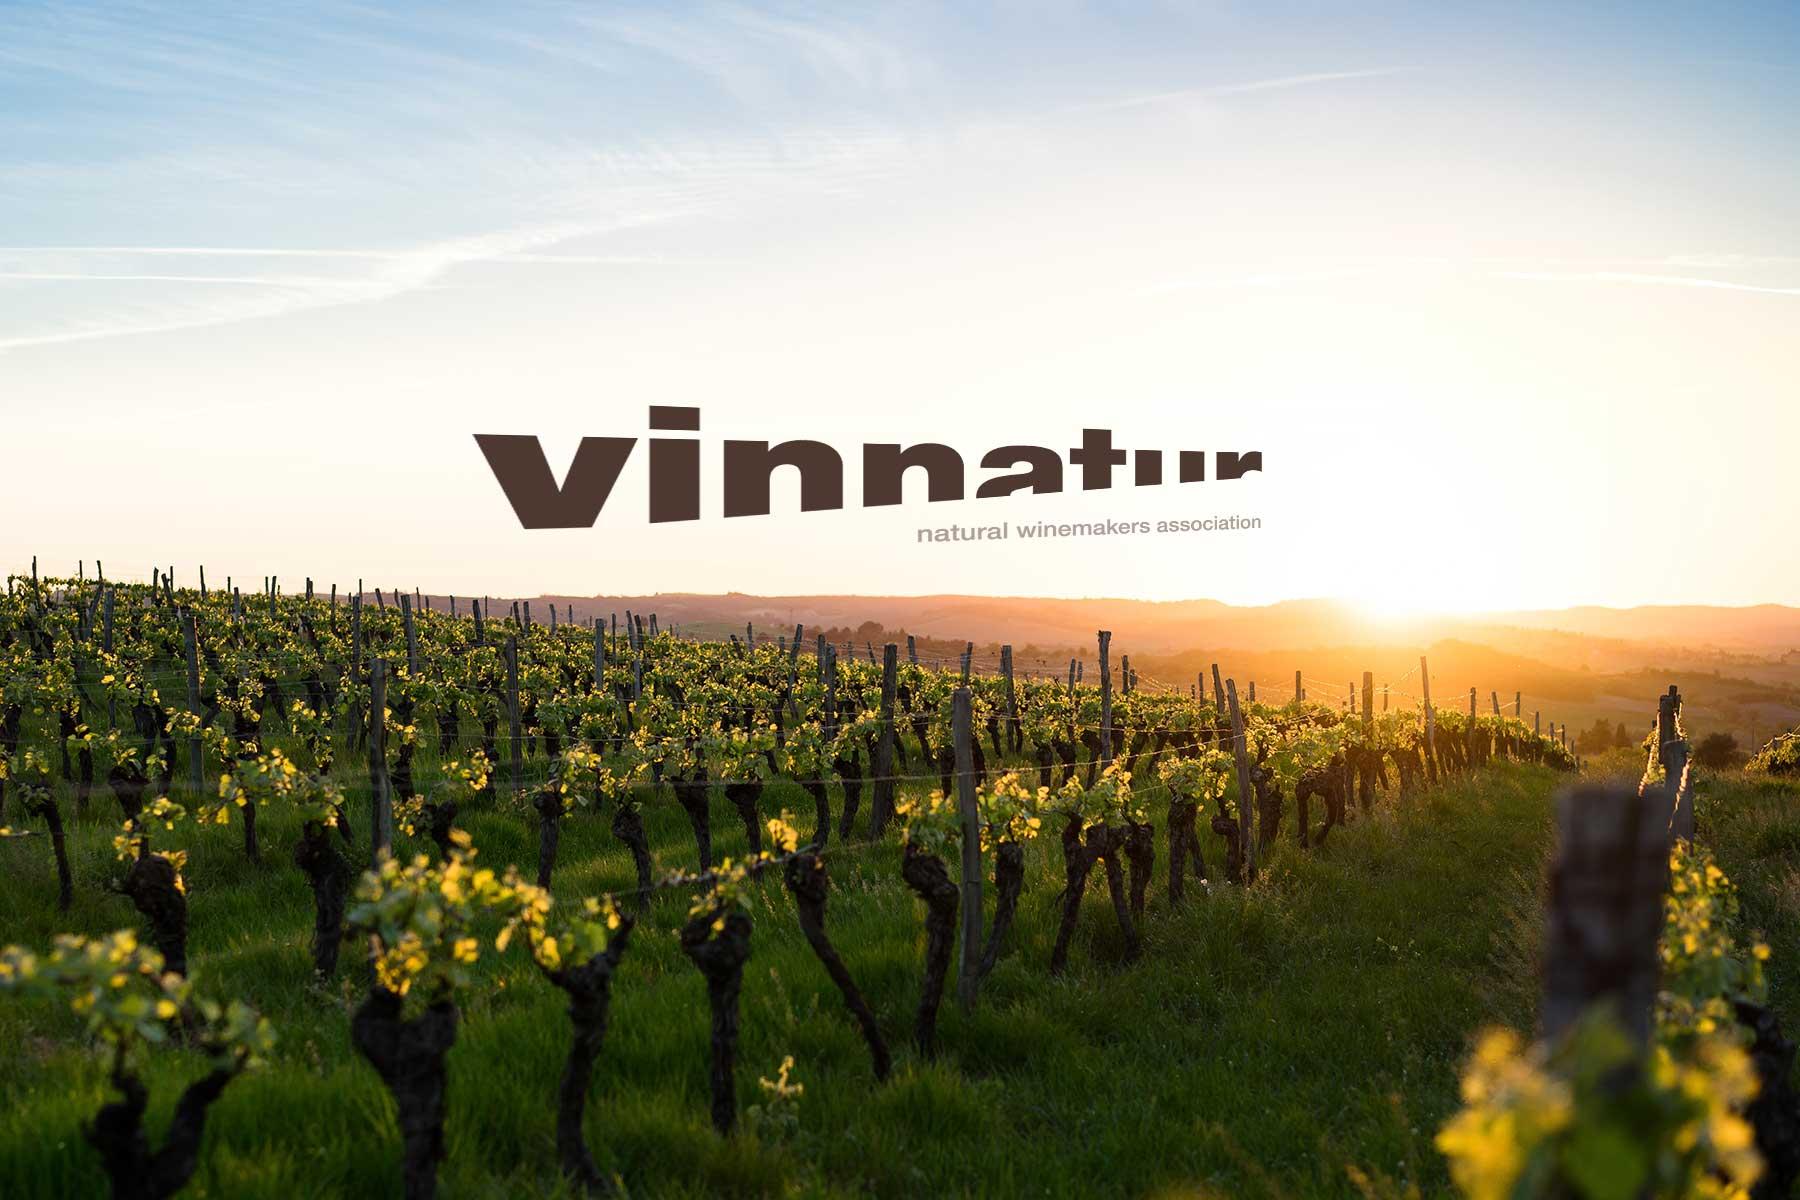 Logo VinNatur in vigna